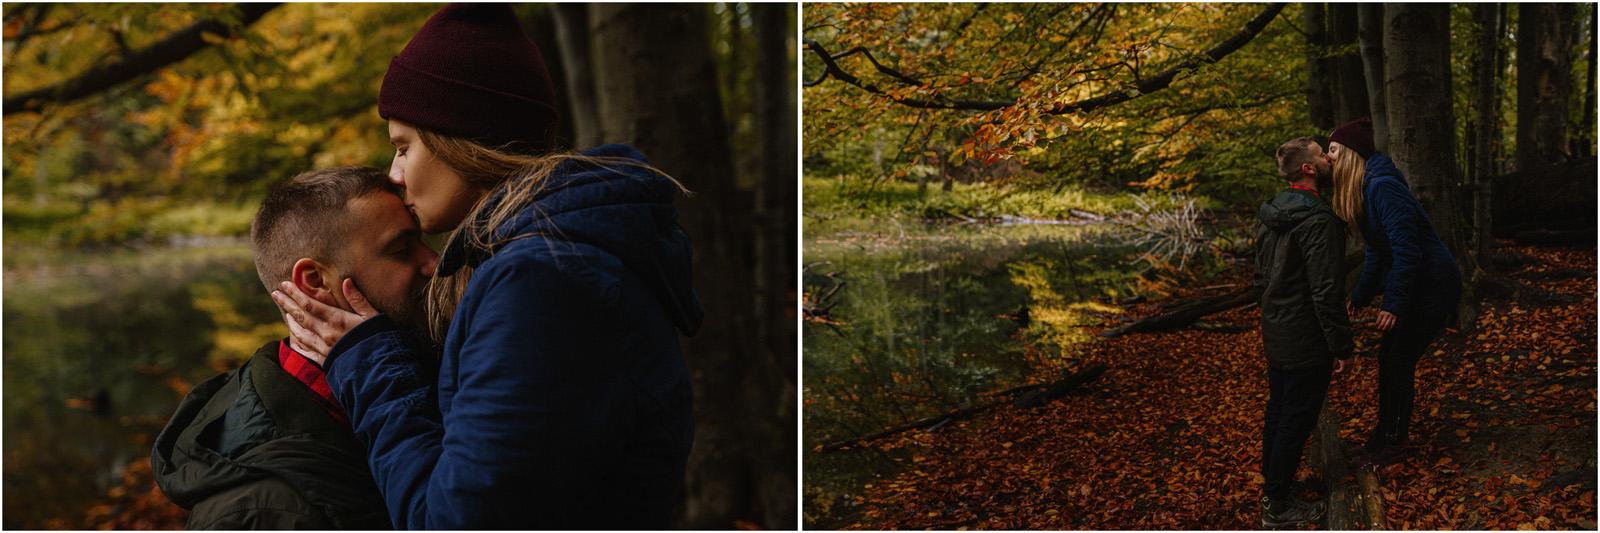 Ania & Szczepan | leśna sesja w Bieszczadach 11